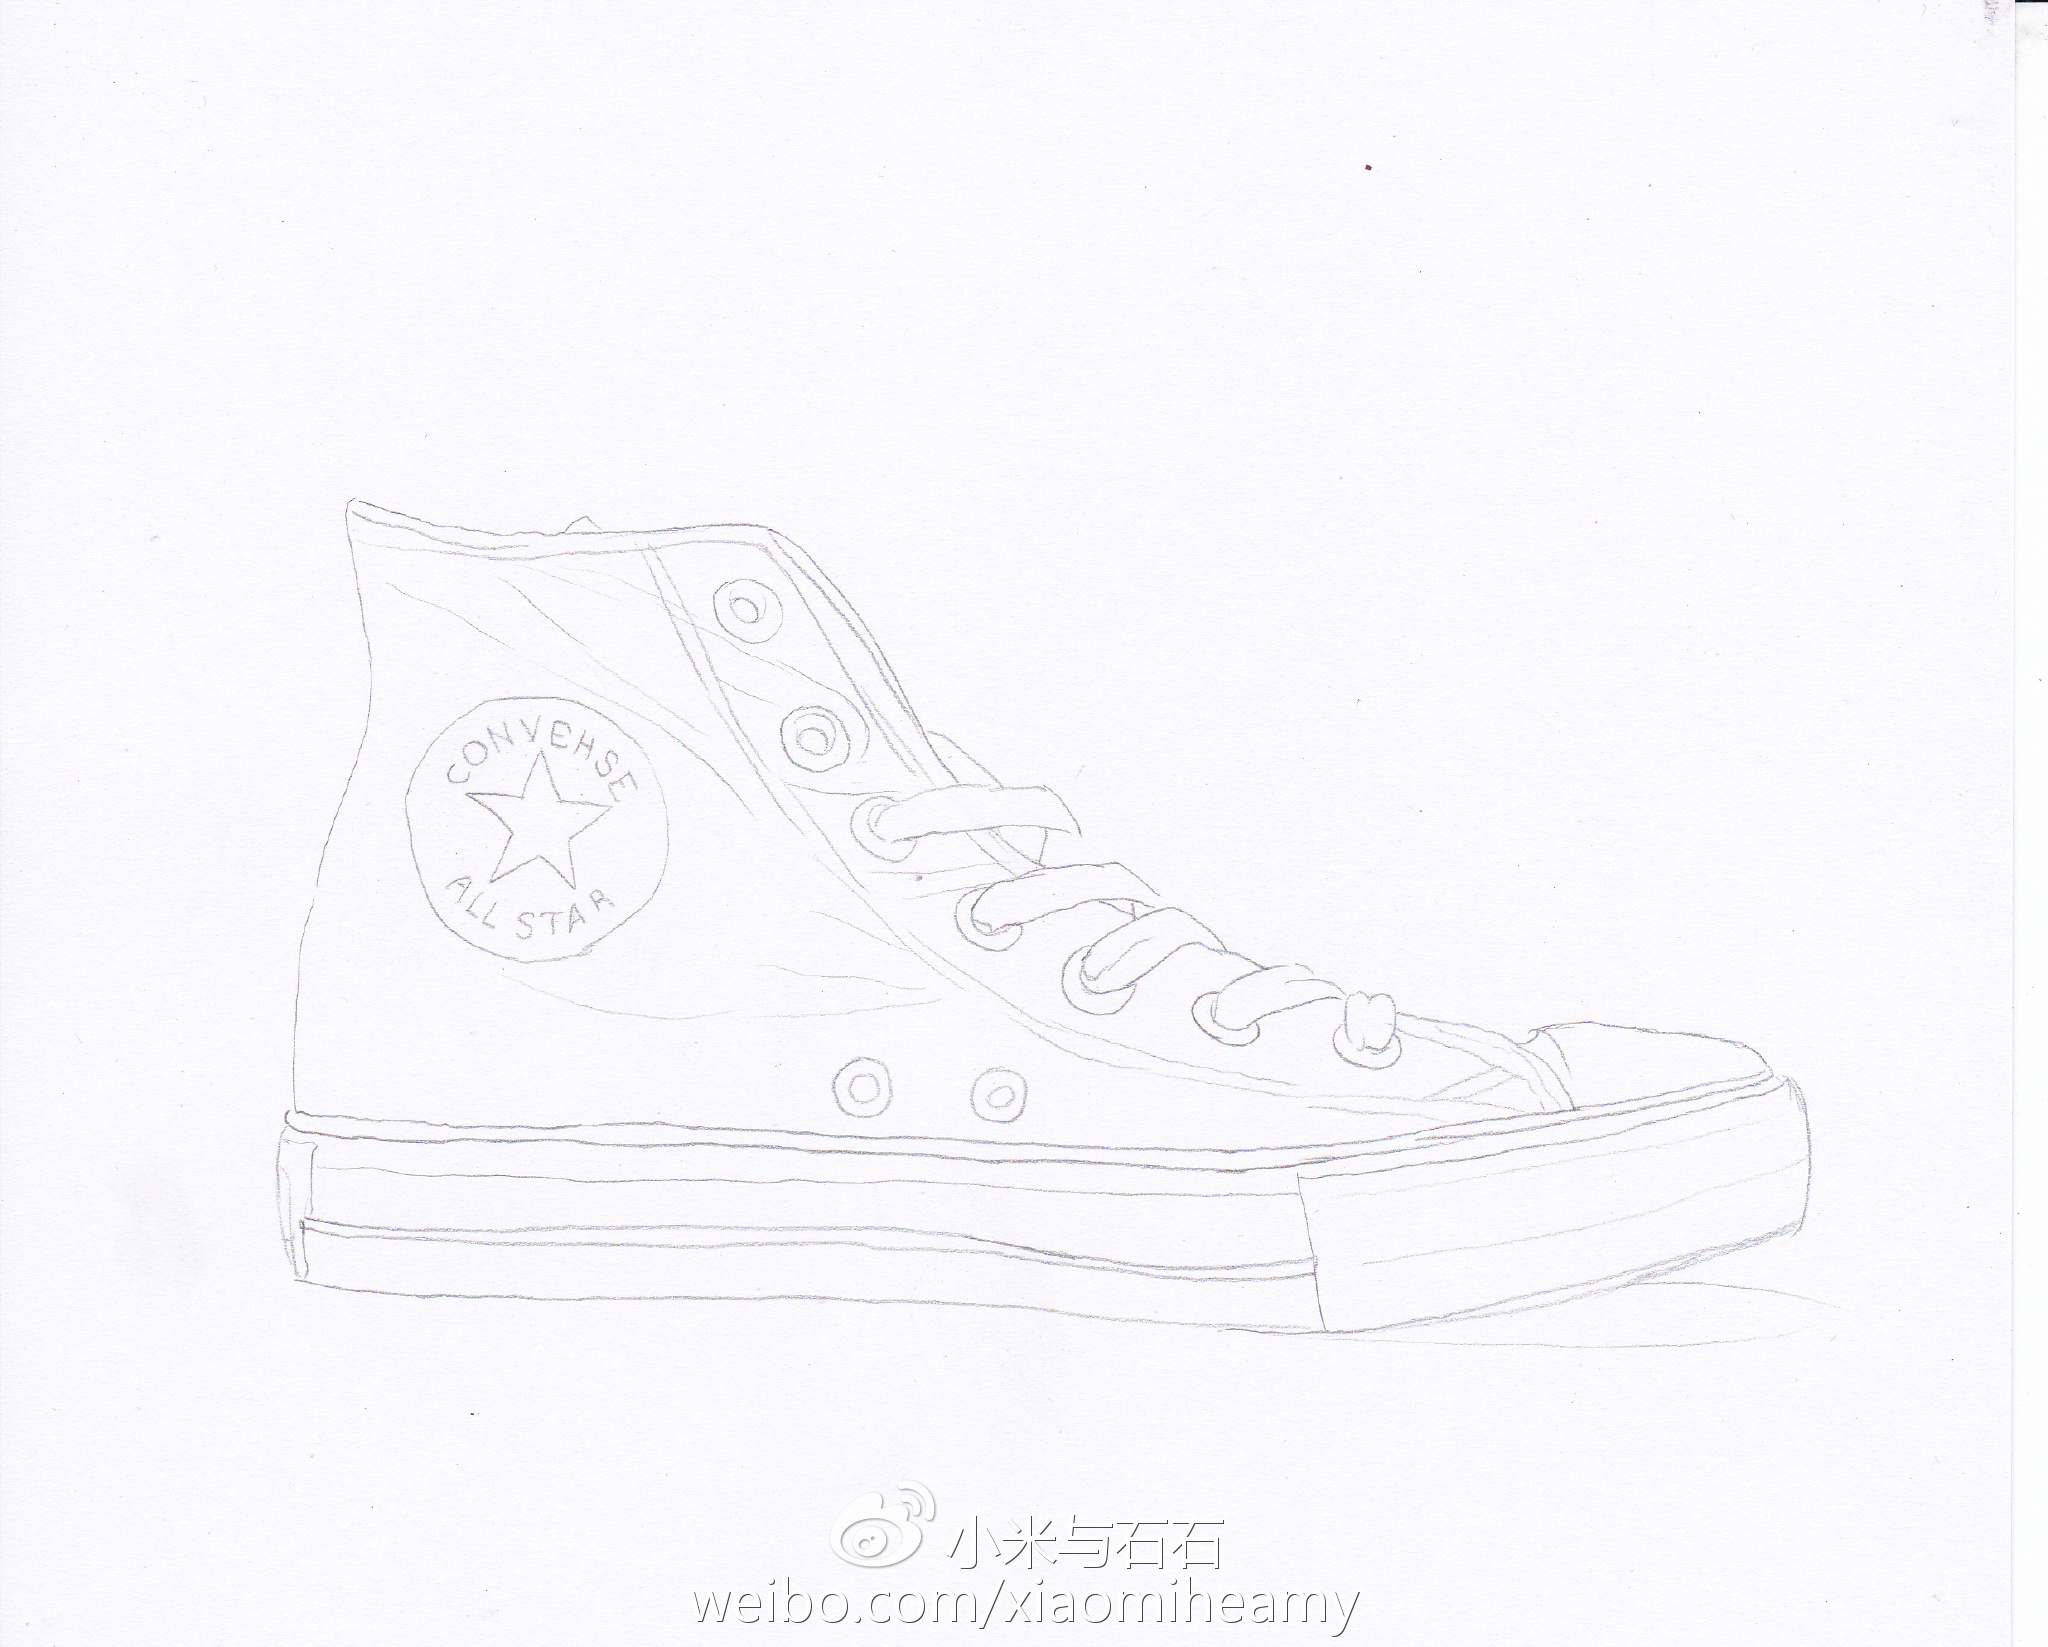 彩铅教程 画一只匡威帆布鞋 小米与石石